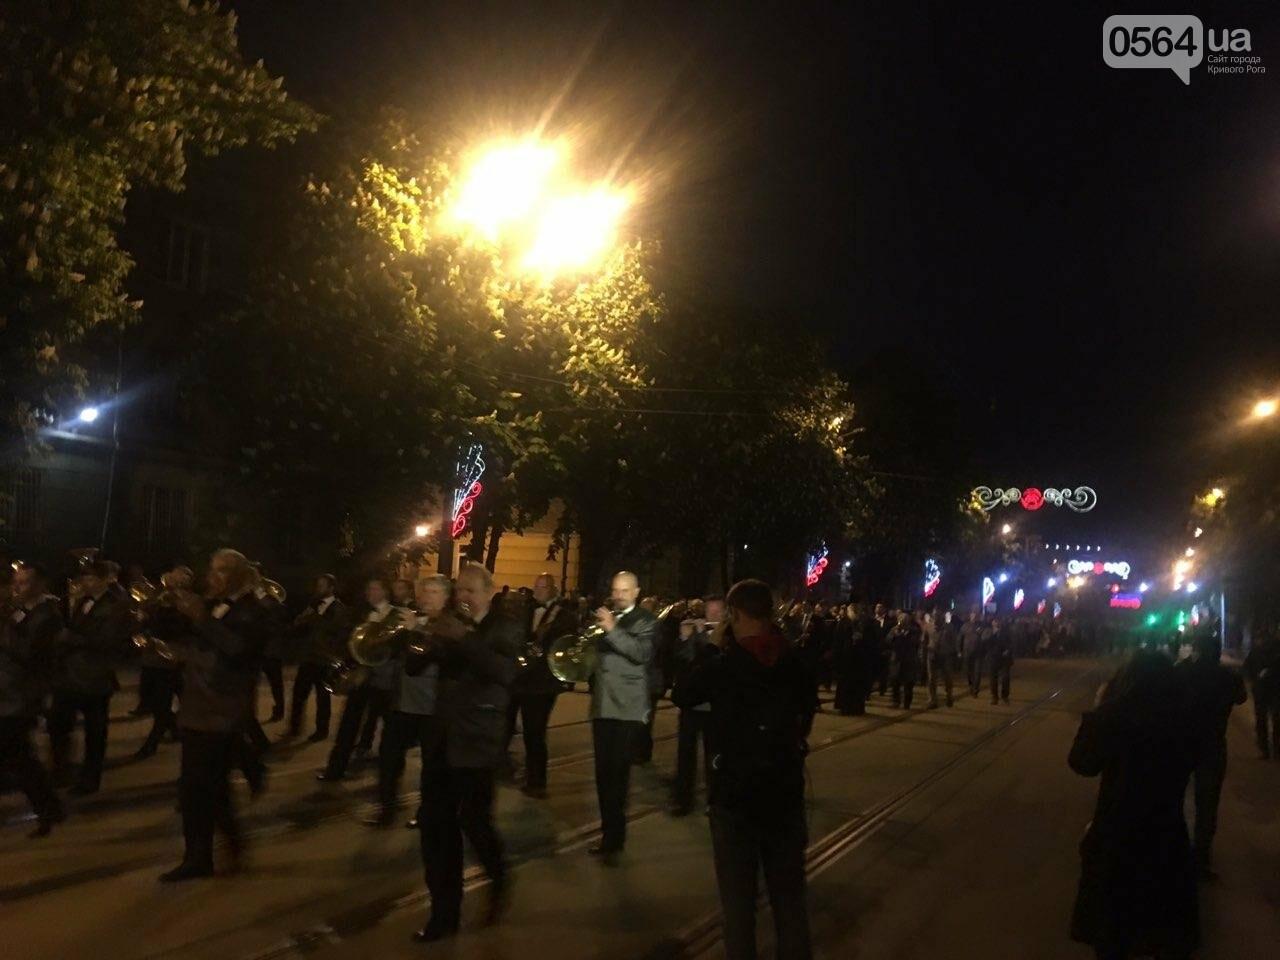 В Кривом Роге затемно начали отмечать День победы над нацизмом во Второй мировой войне, - ФОТО, ВИДЕО, фото-16